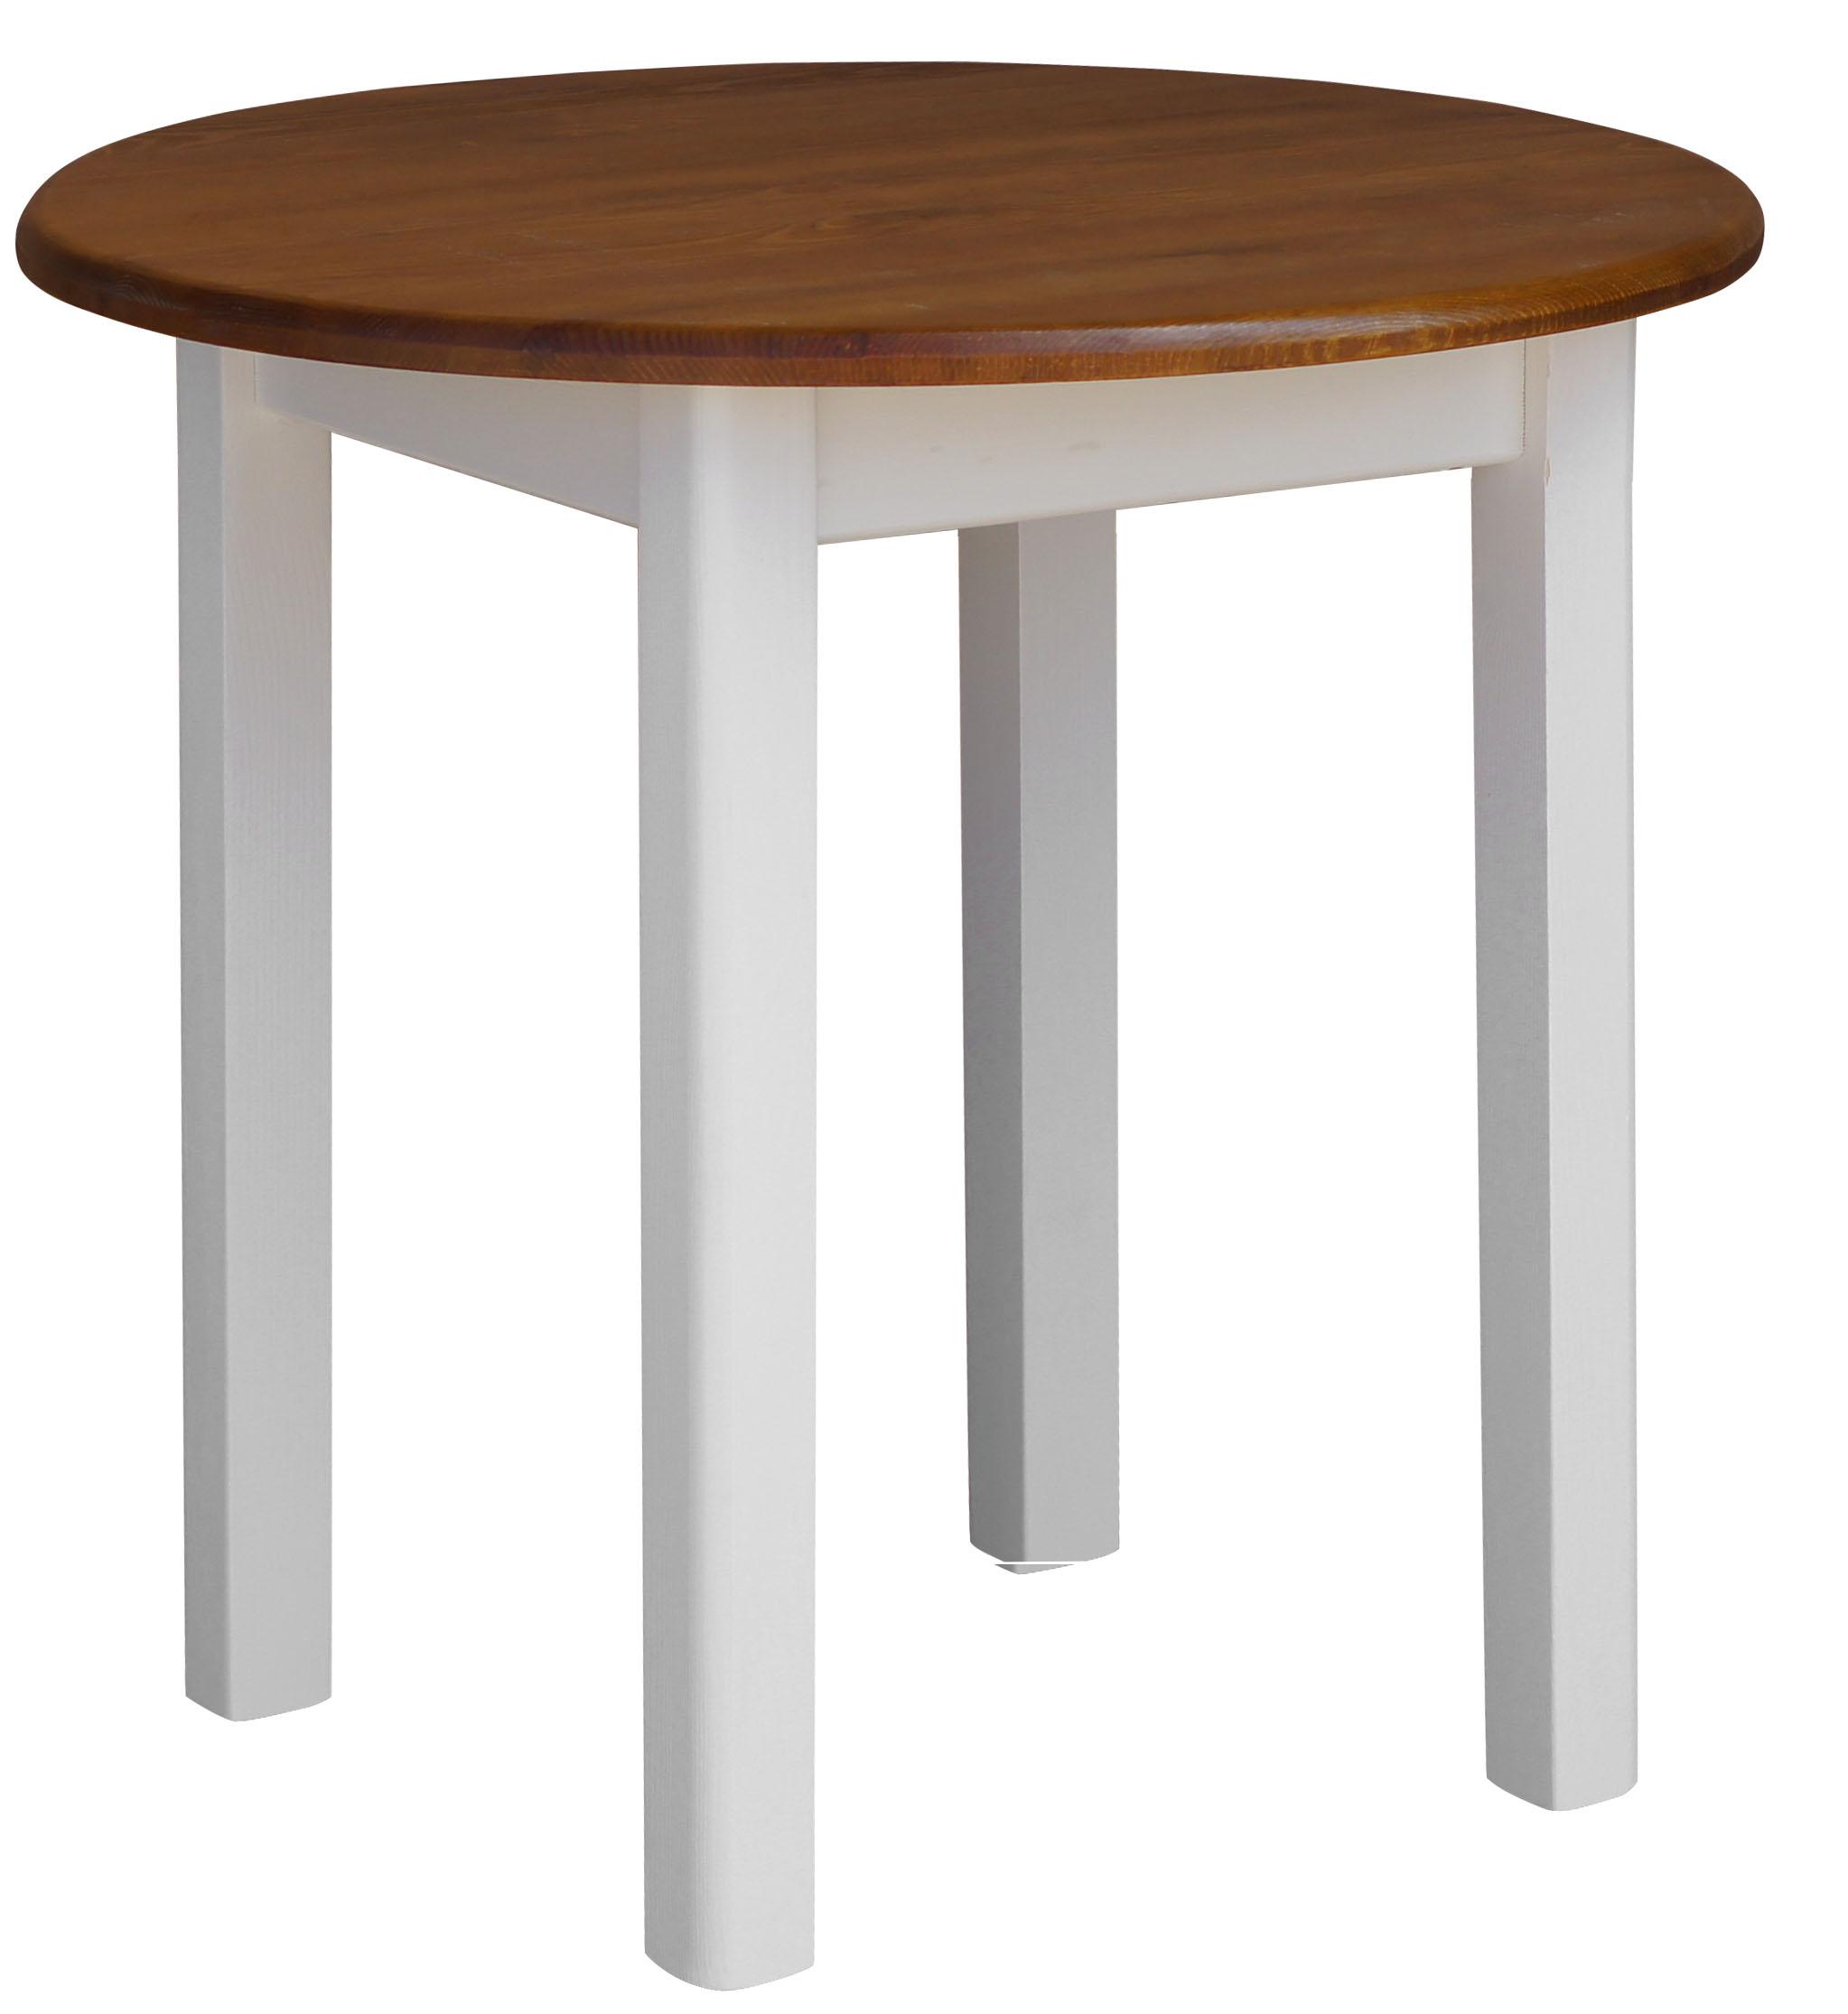 Runder Kiefer Tisch Esstisch Holz Küchentisch massiv weiß